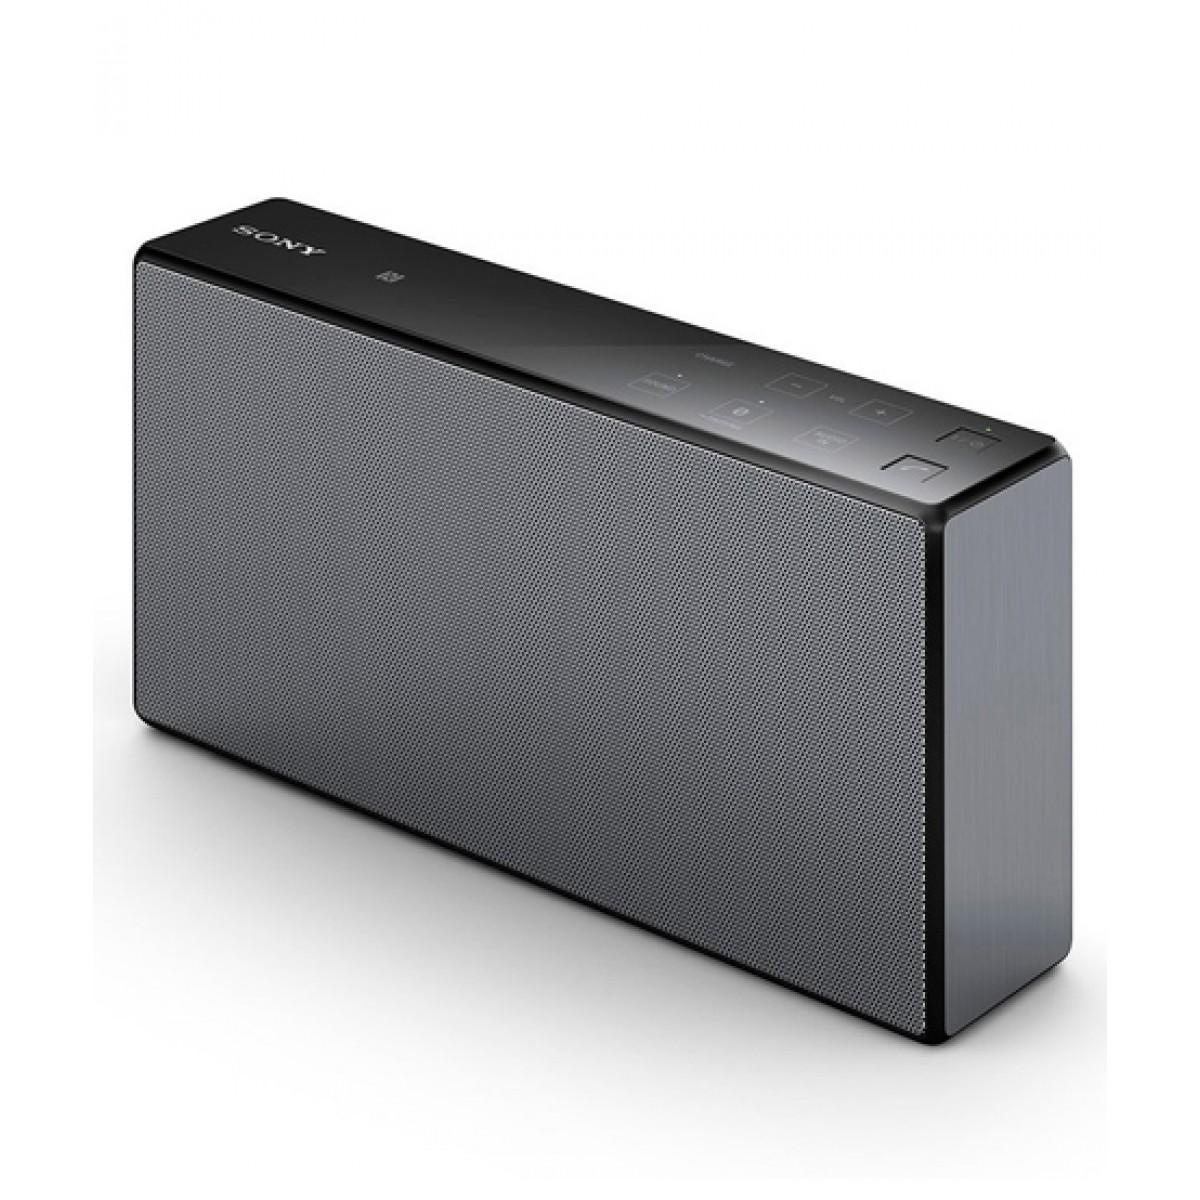 Sony Portable Bluetooth Speaker Price In Pakistan Buy Sony Wireless Speaker Srs X55 Ishopping Pk